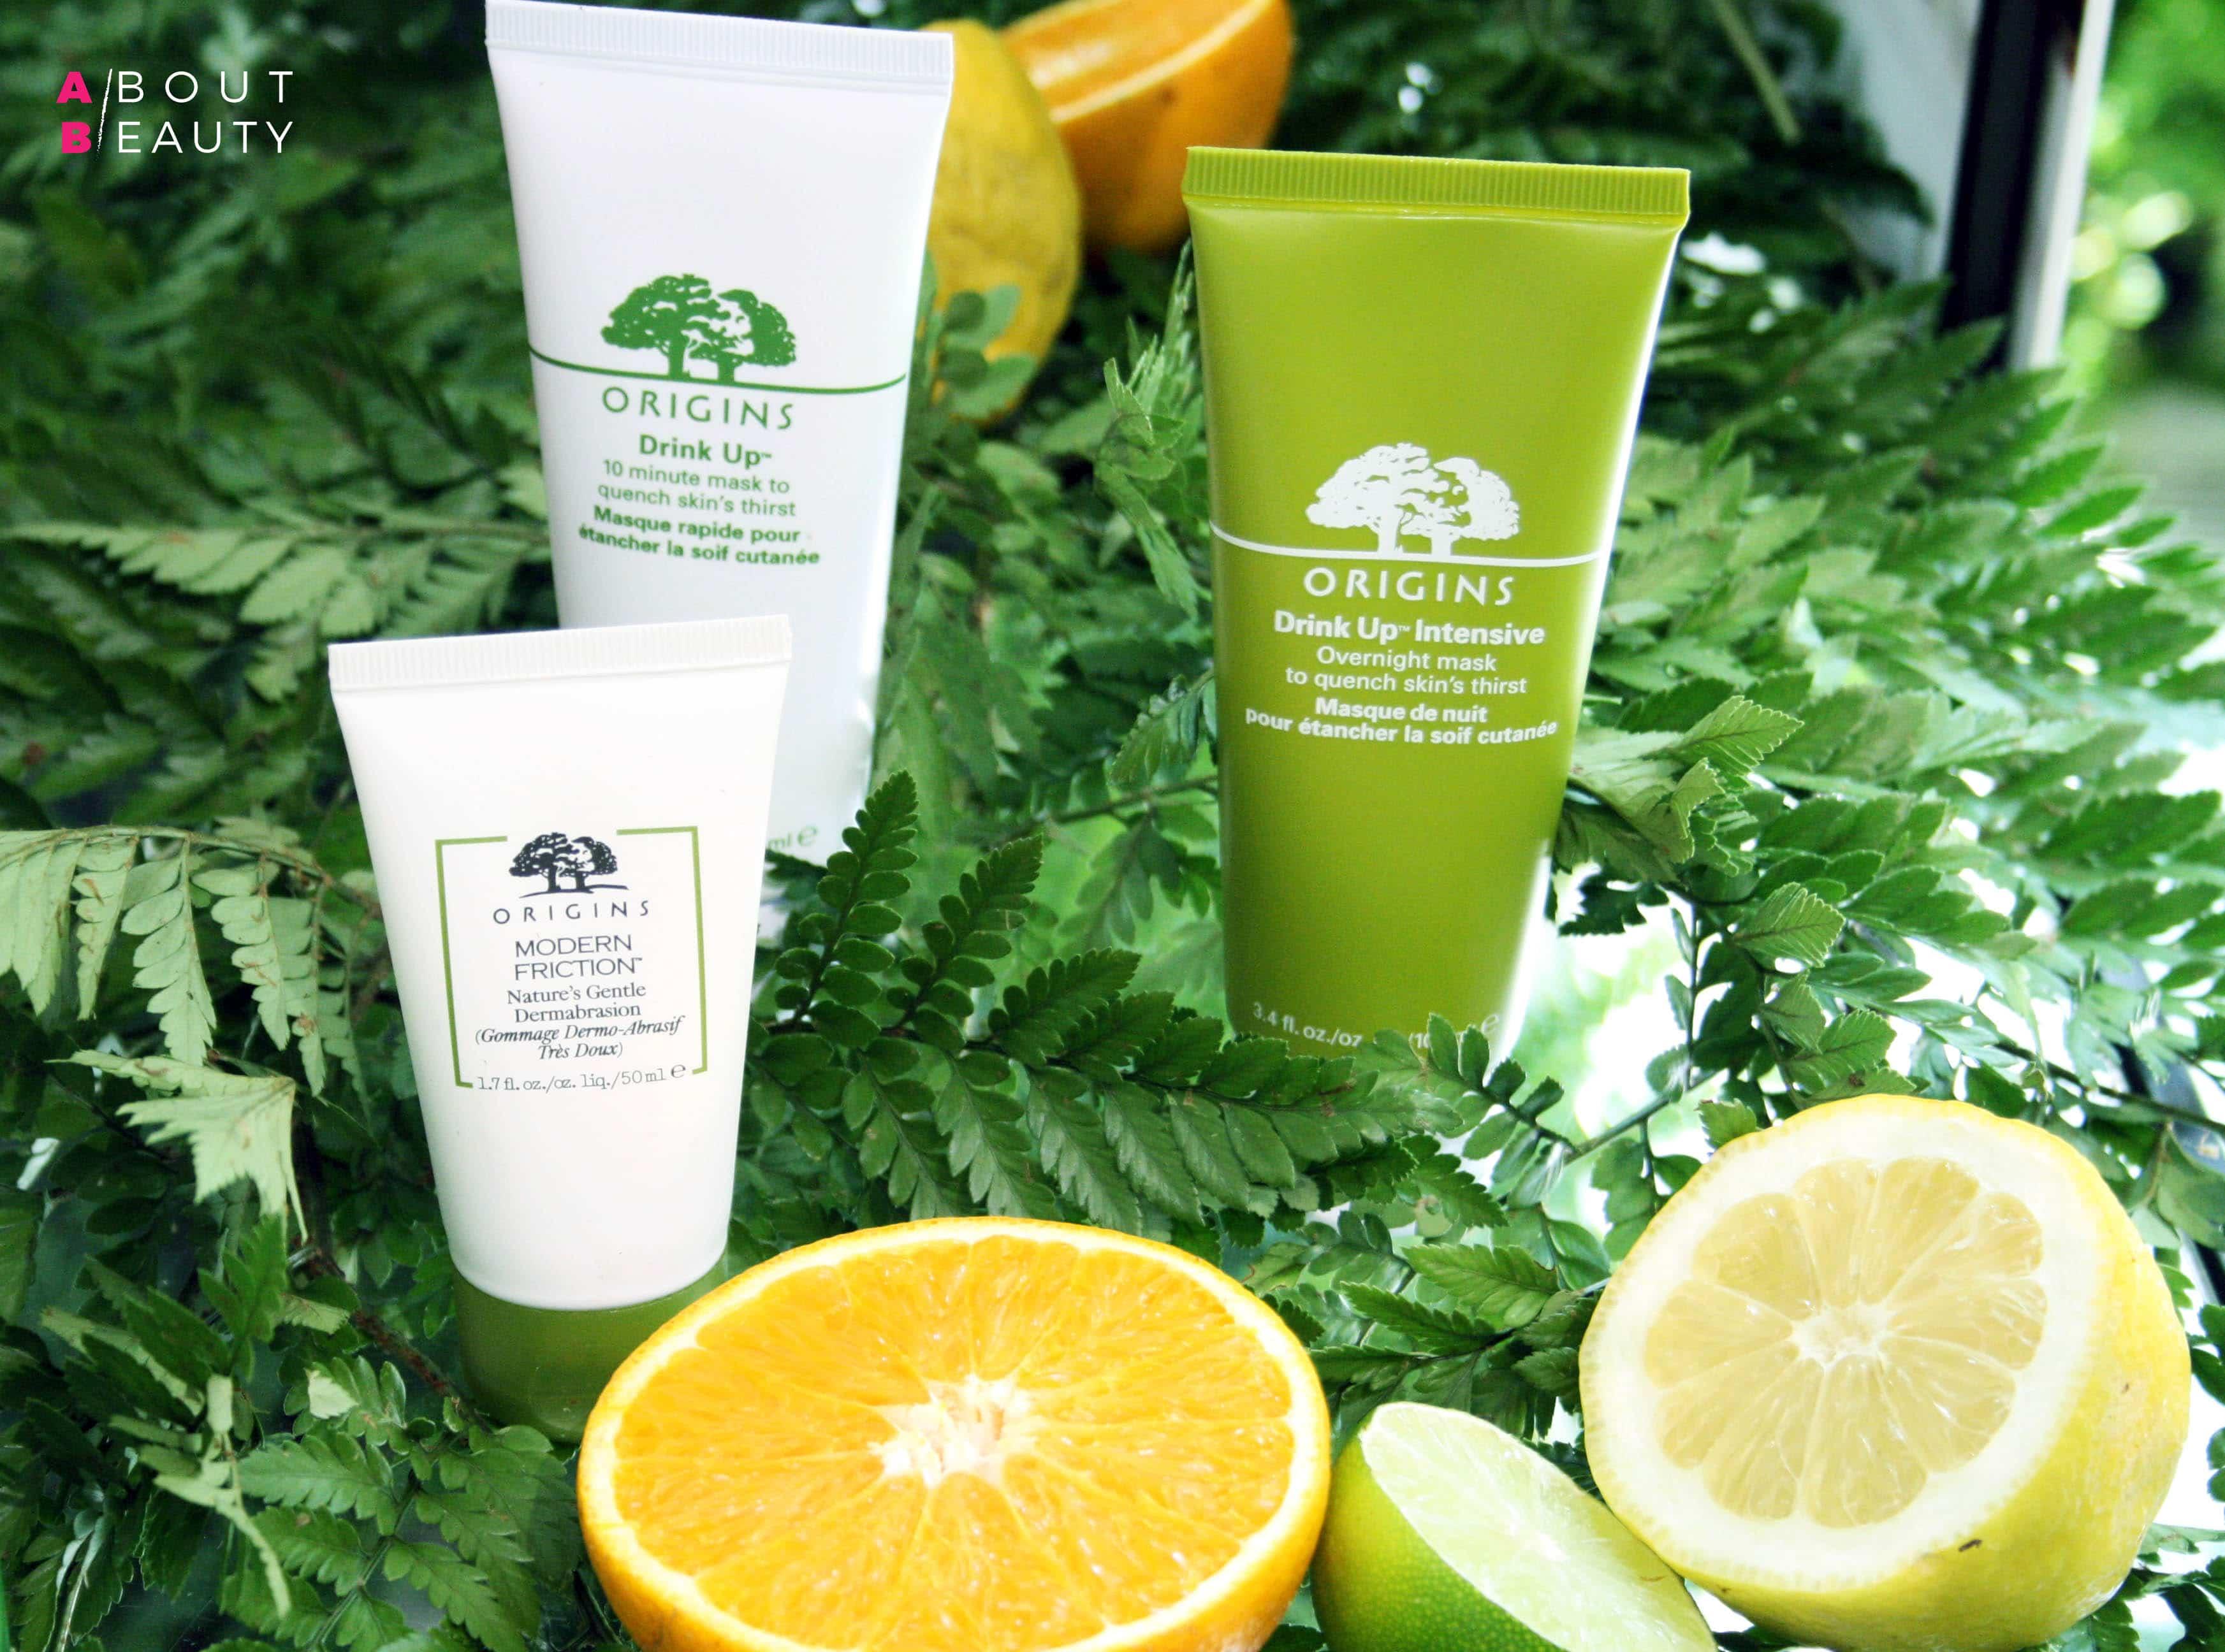 Origins arriva da Sephora con le sue linee skincare naturali: tutte le info foto e prezzi - Linea Drink Up